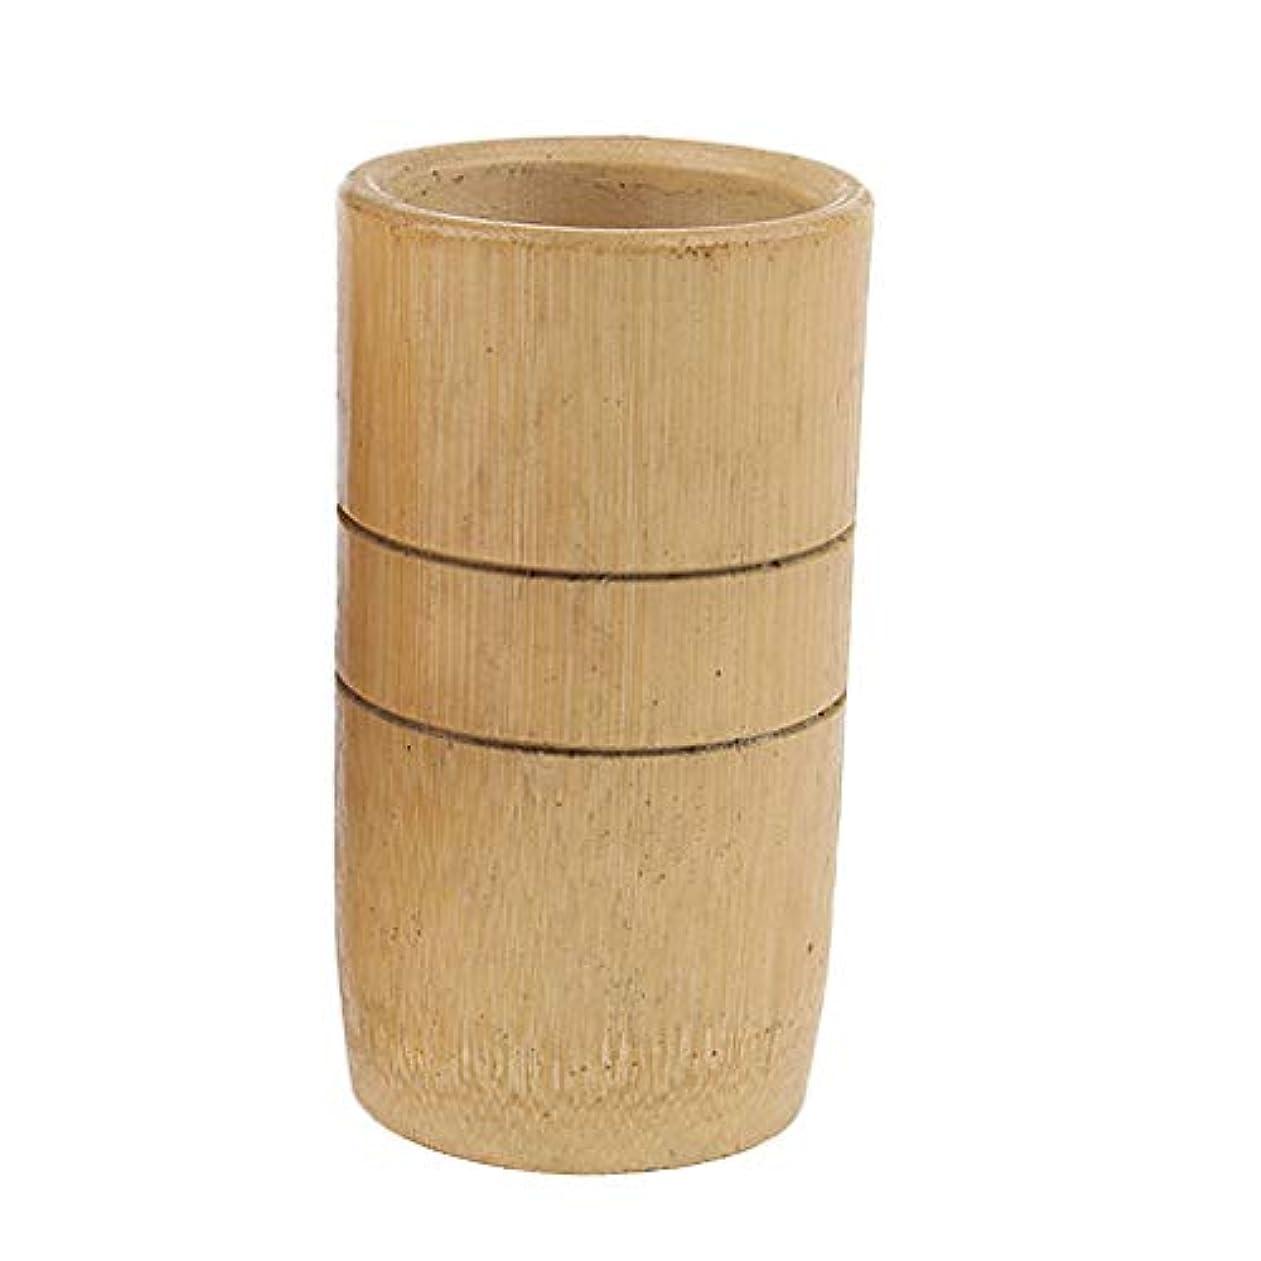 ベックスみがきます温度chiwanji マッサージカップ 吸い玉 カッピング 天然竹製 男女兼用 2個入